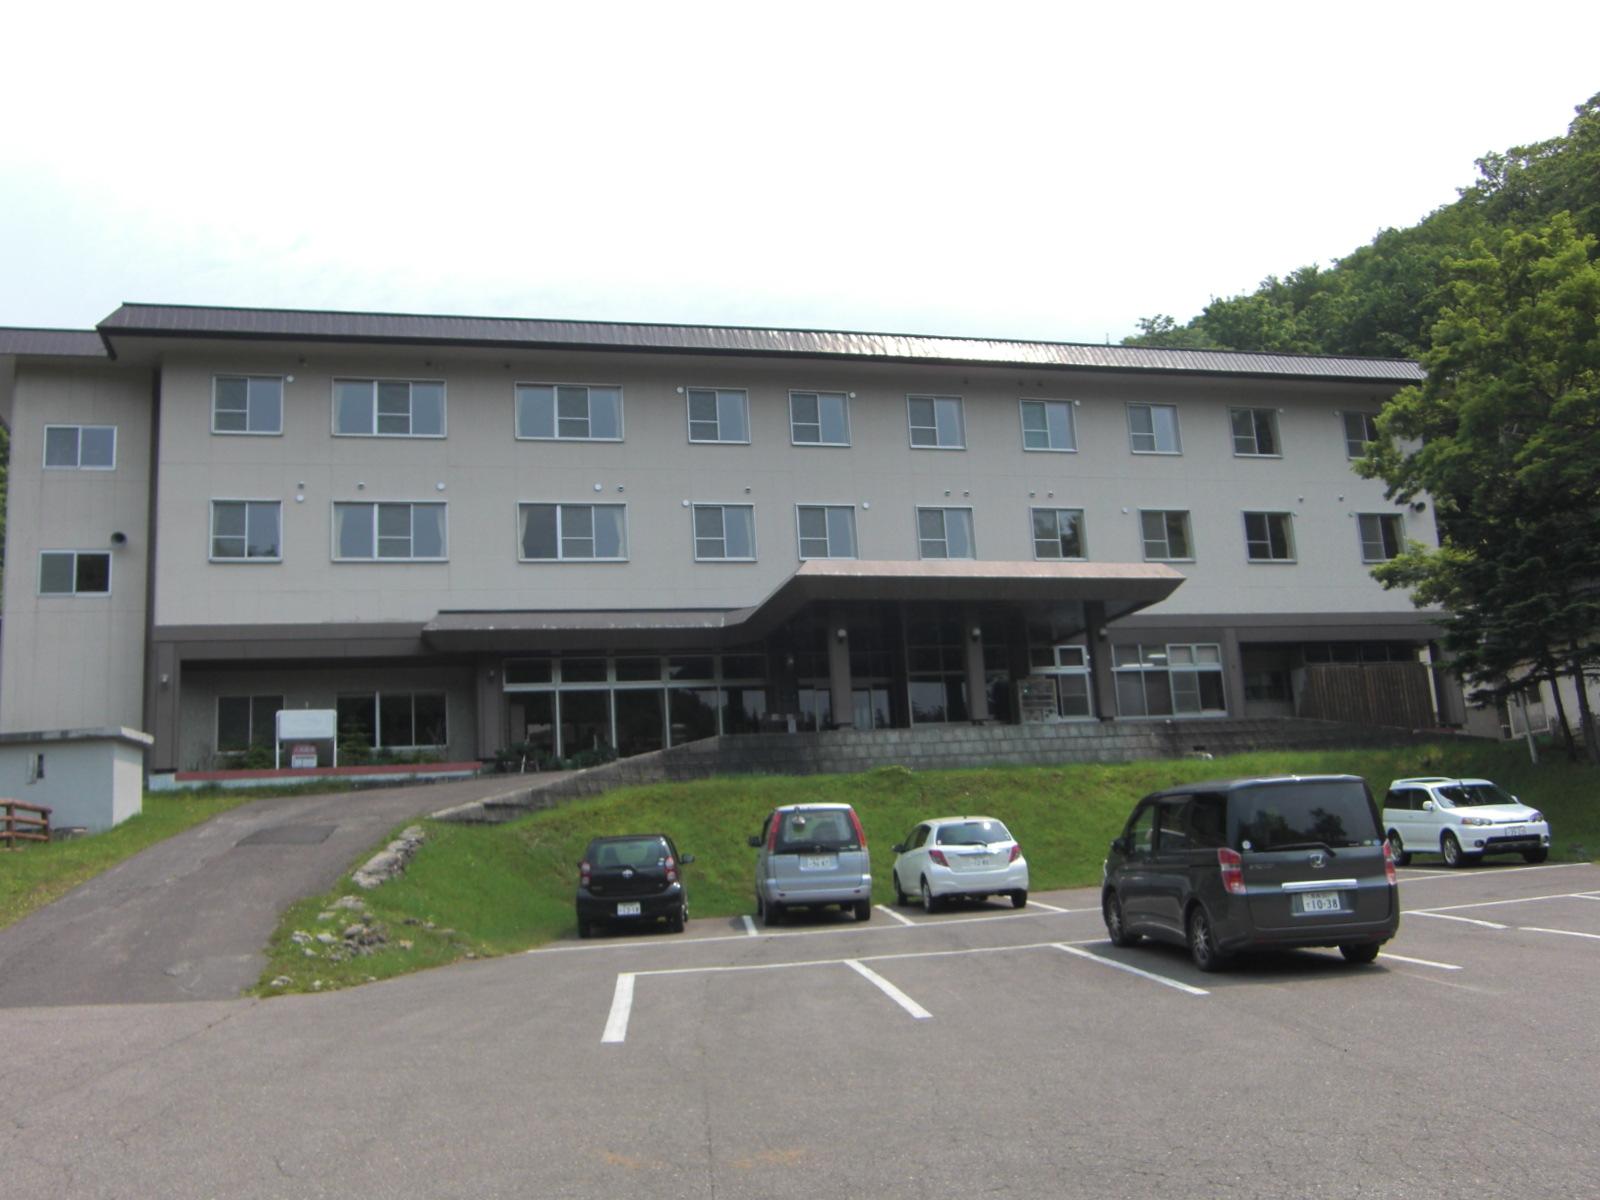 【知床宇登呂】岩尾別温泉・ホテル地の涯観光案内です。